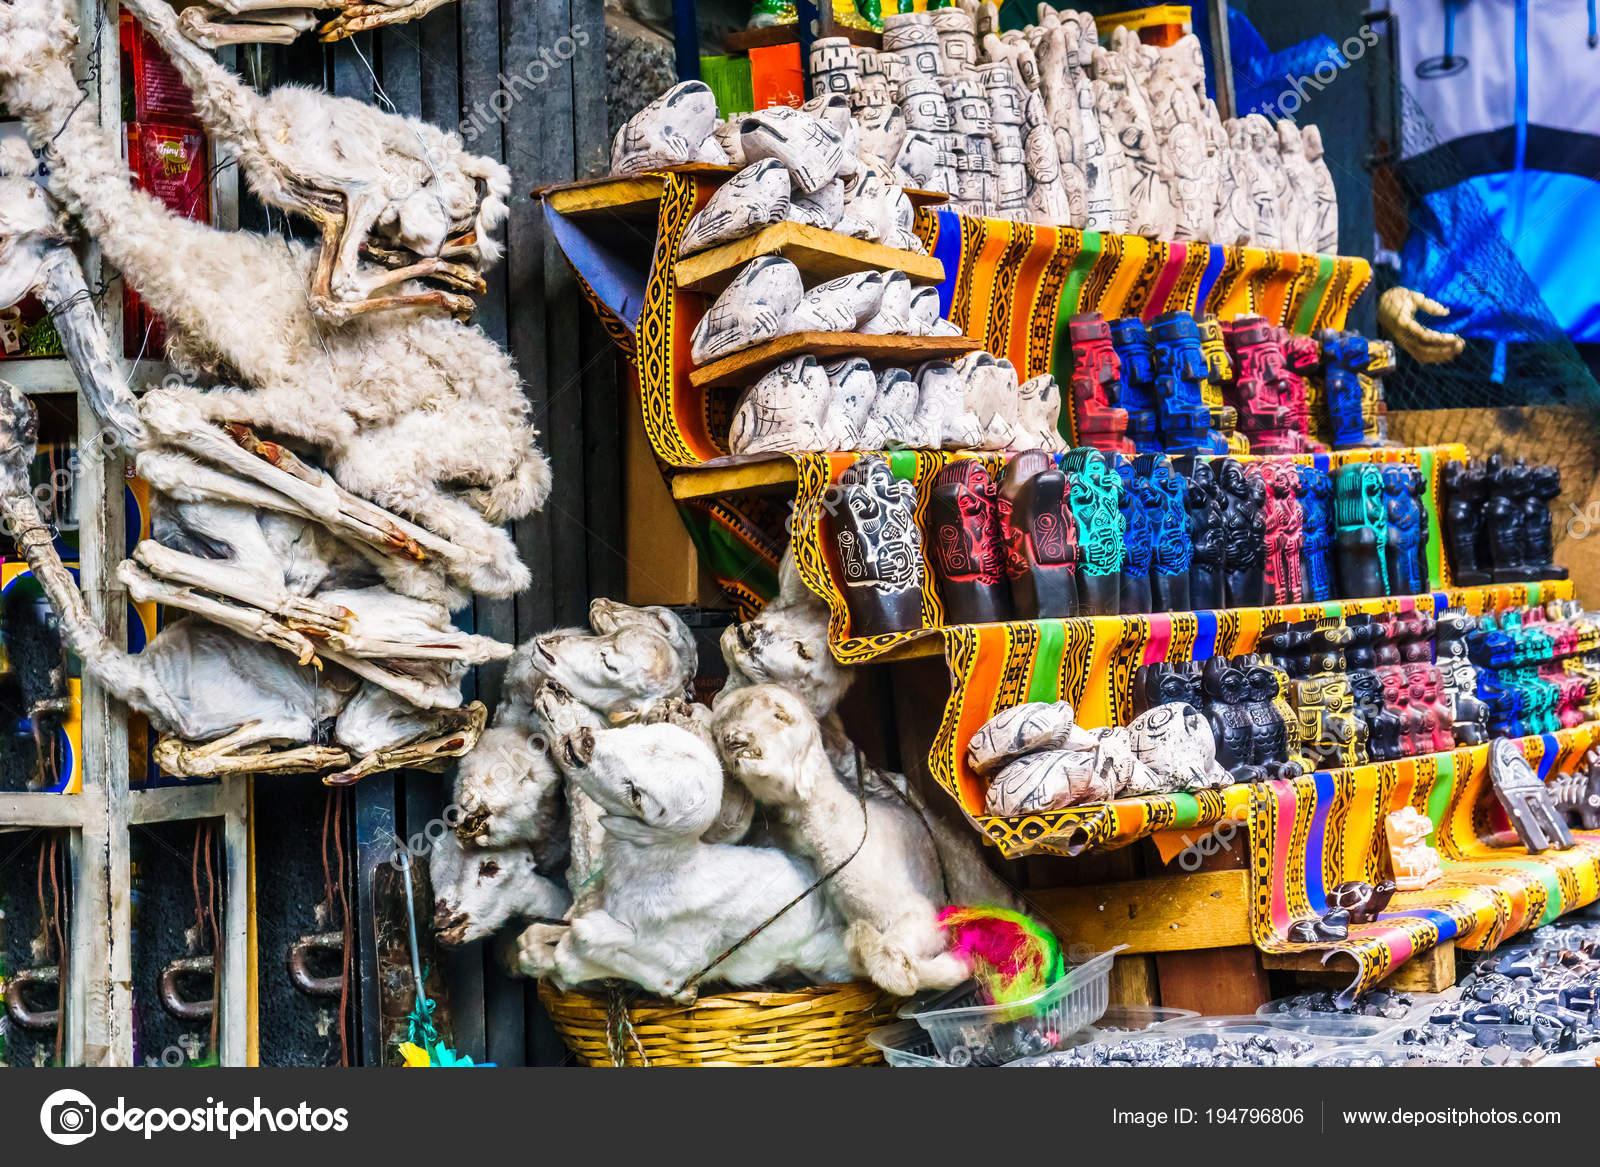 Jardin de los dioses la paz bolivia | Wichcraft mercado con el feto ...